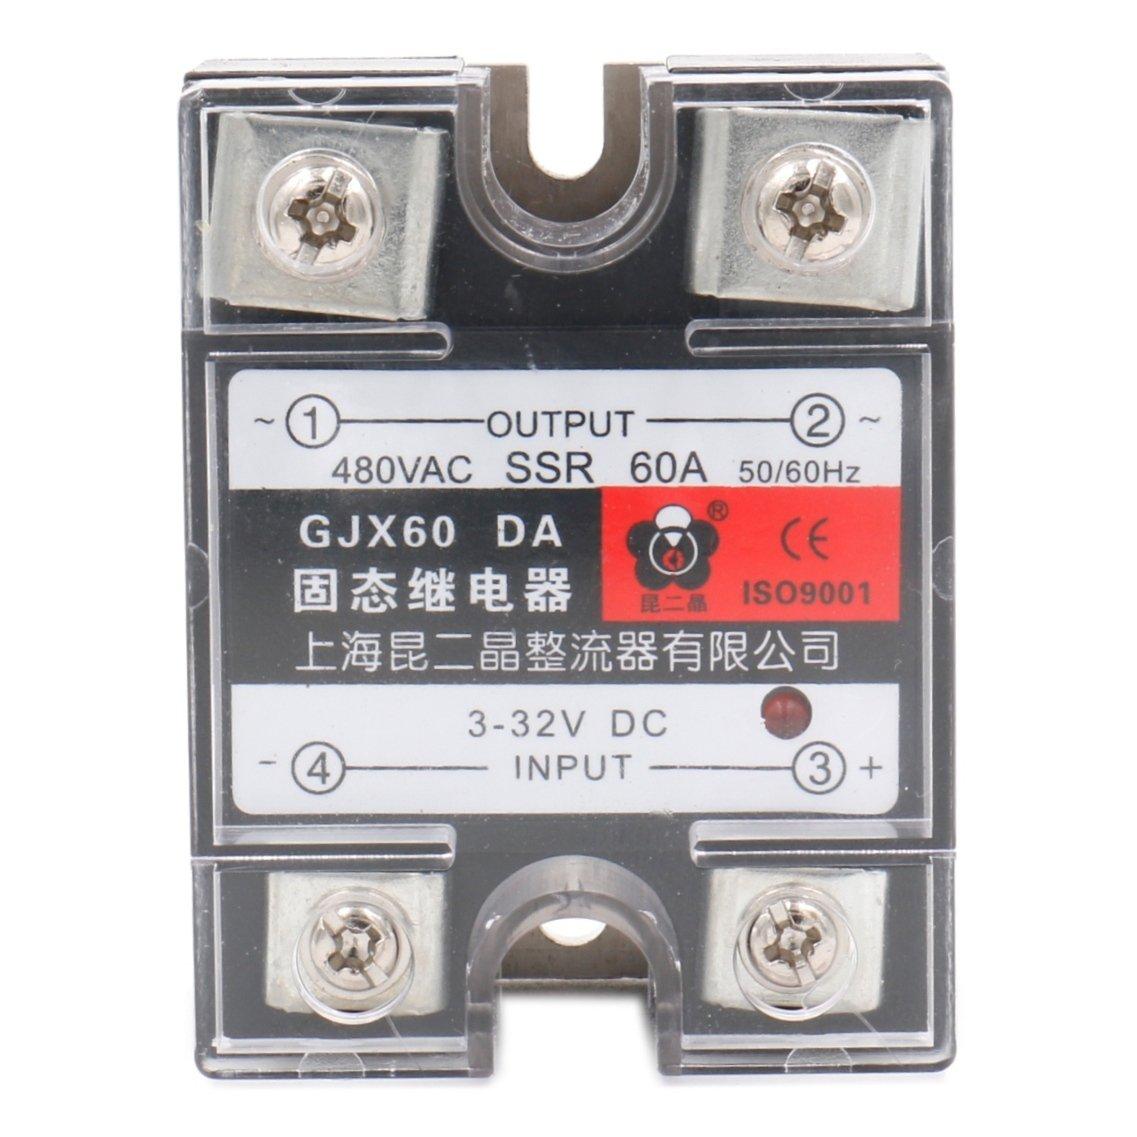 24-480VAC Heat Sink Baomain SSR-60DA 60A Solid State Relay Module 3-32VDC